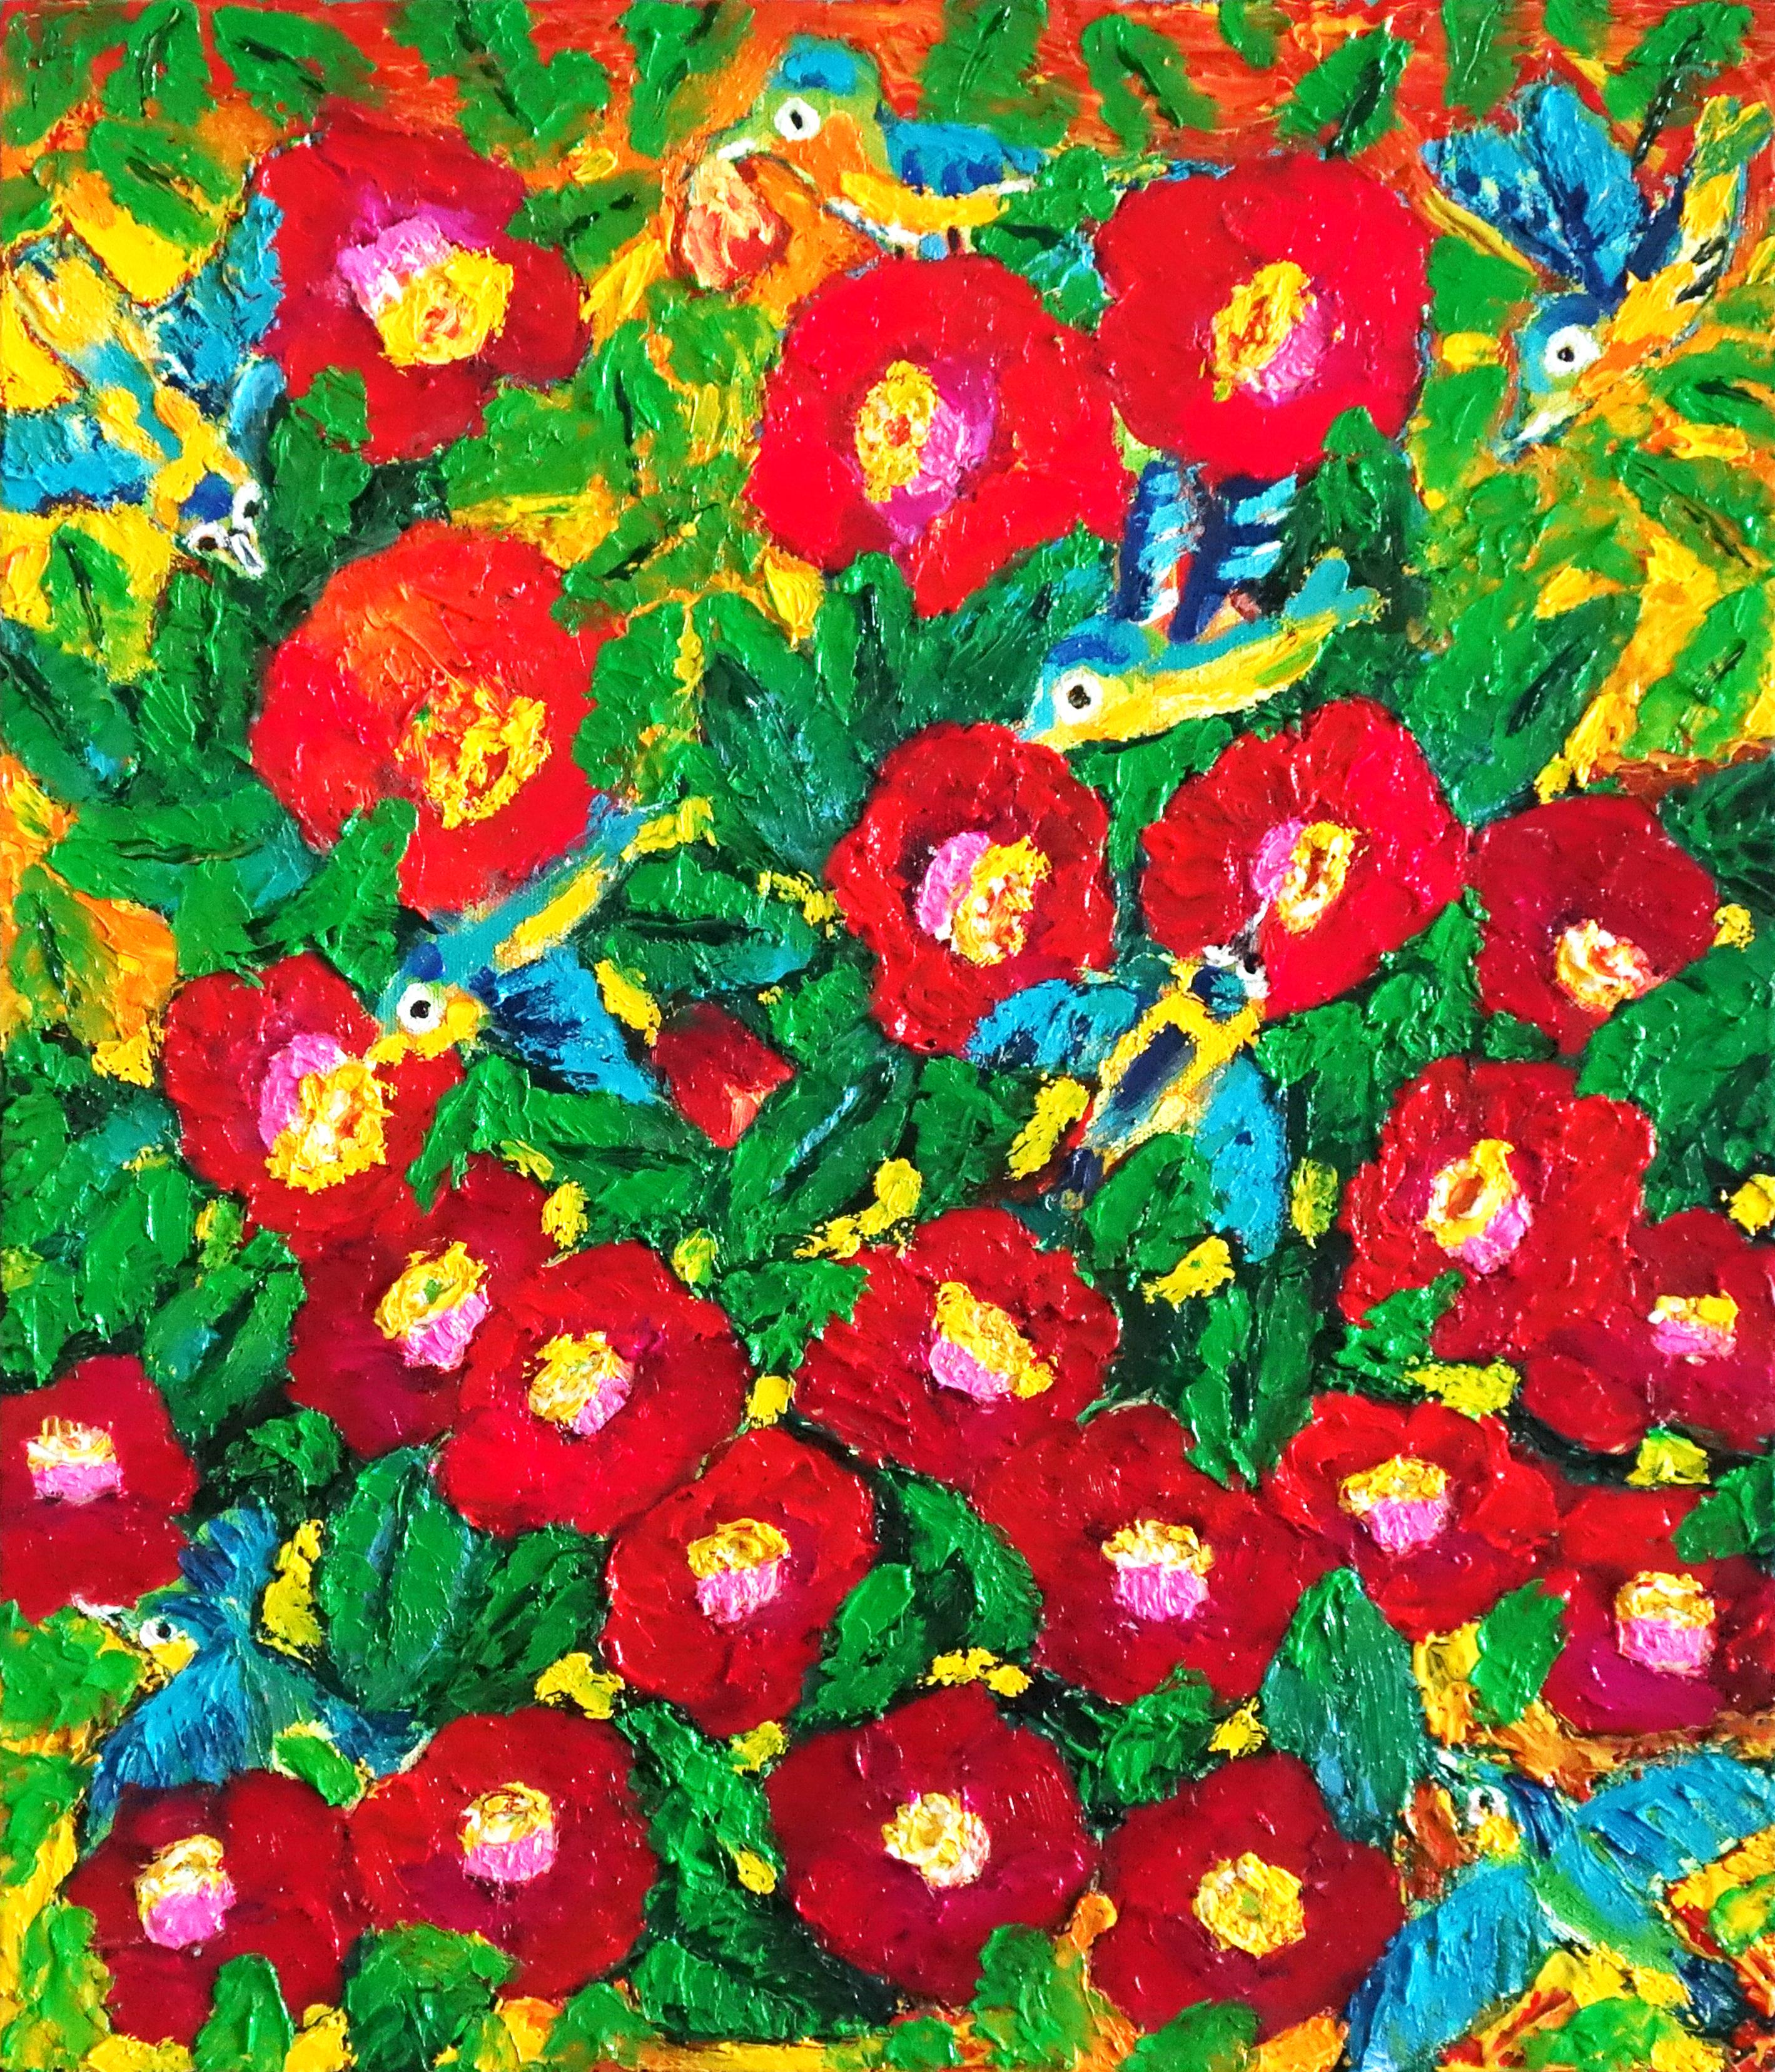 민해정수3, 동박새의 순정, 45.5 x 53